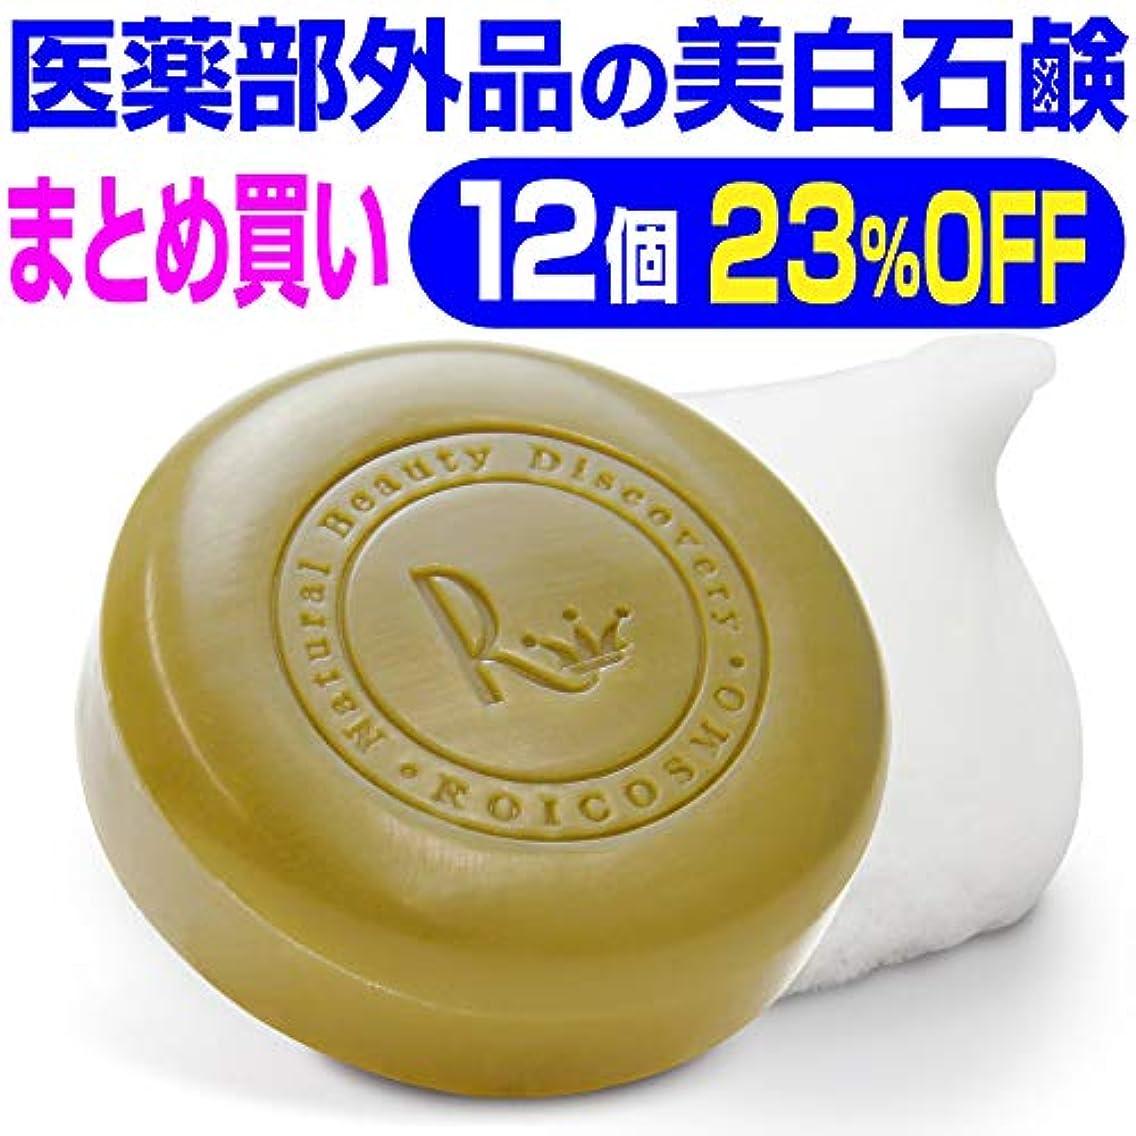 アンペアすでに口ひげ12個まとめ買い23%OFF 美白石鹸/ビタミンC270倍の美白成分配合の 洗顔石鹸『ホワイトソープ100g×12個』